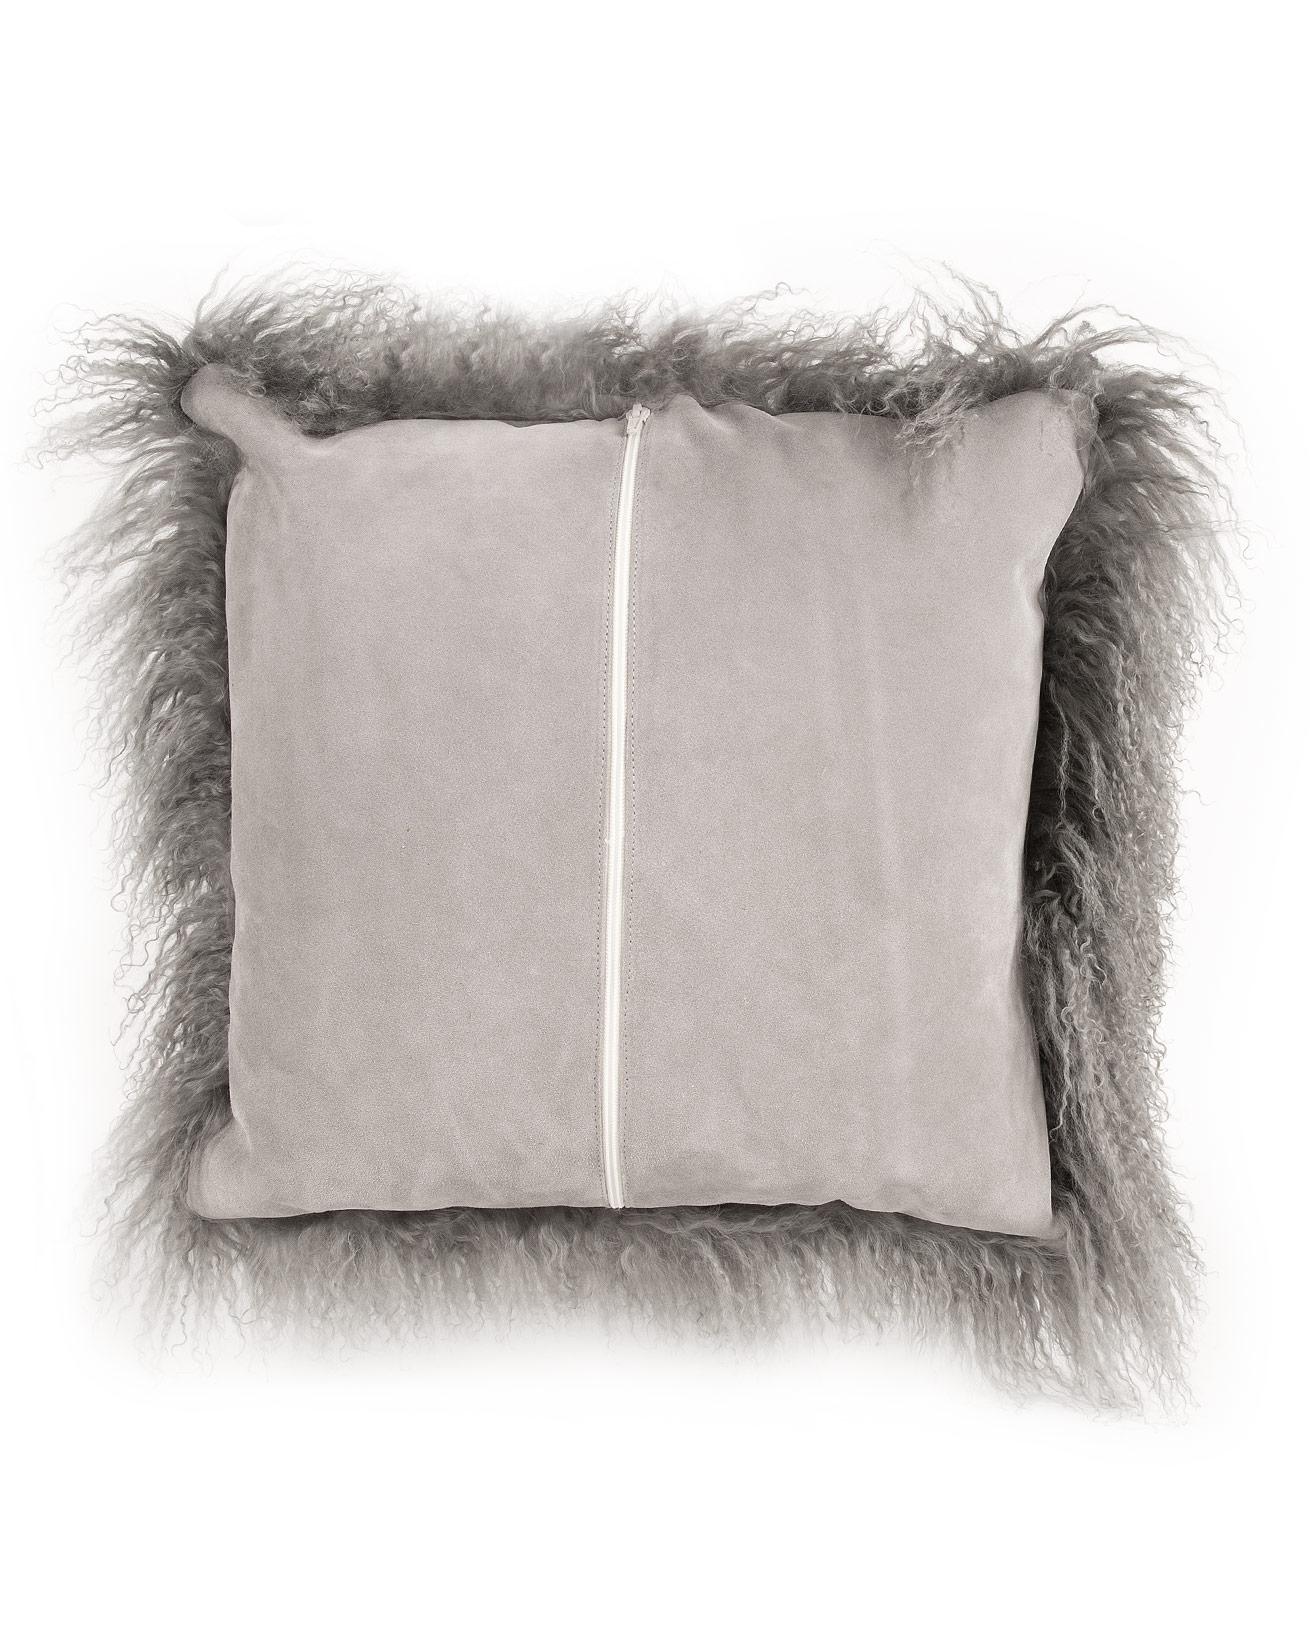 5001-yeti cushion-soft grey-back.jpg